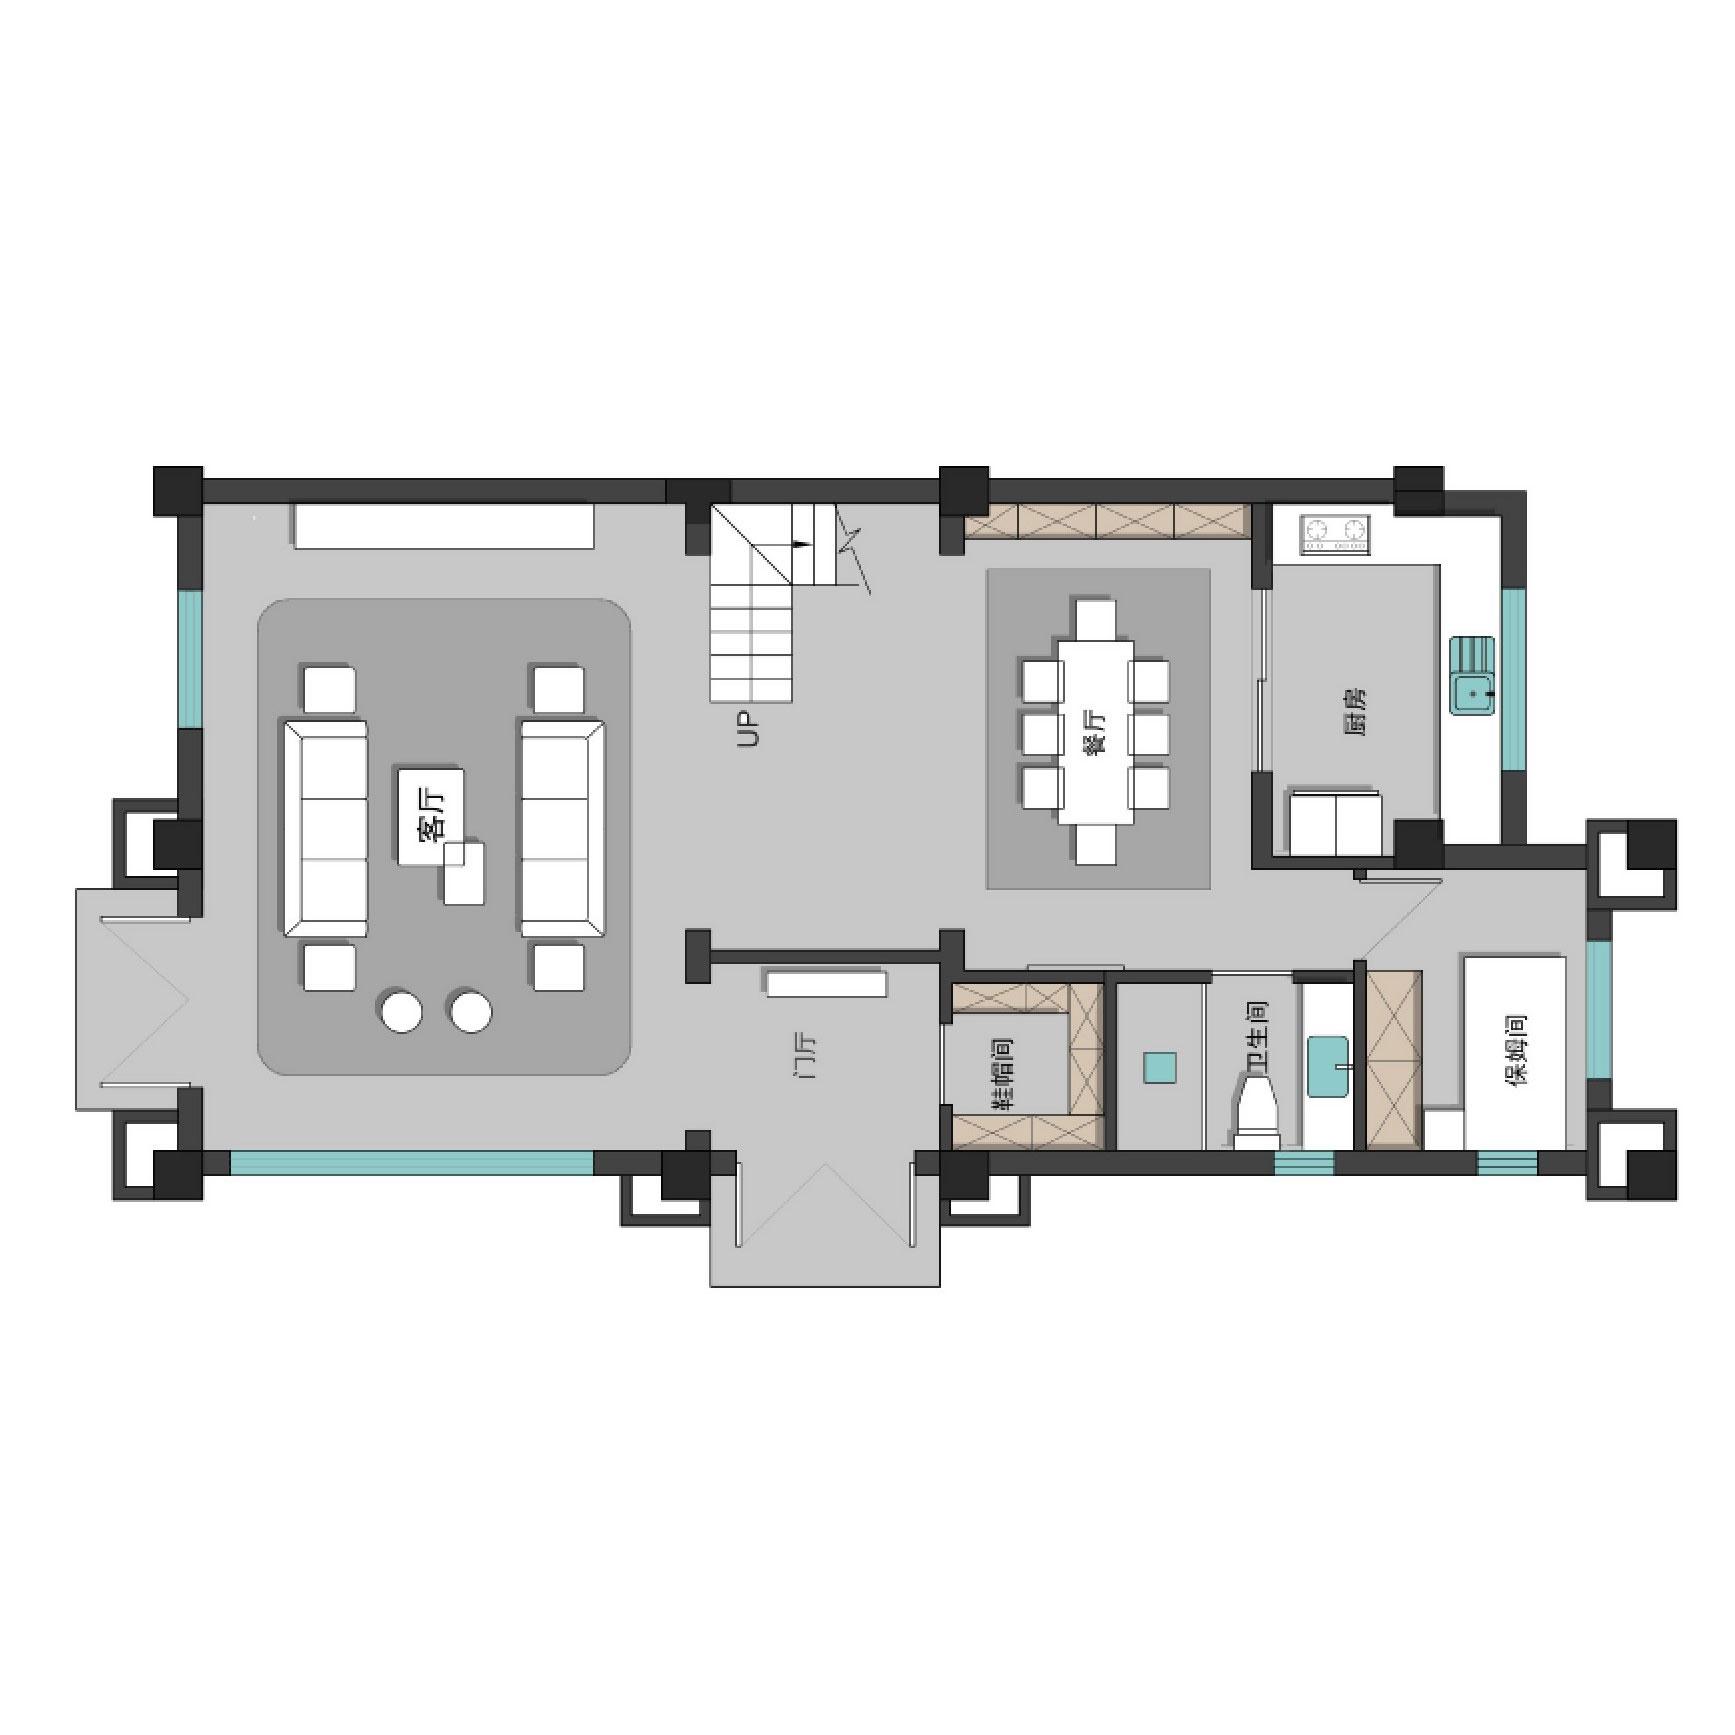 新中式风格装修效果图丨中洲中央公园260㎡五居室装修案例装修设计理念